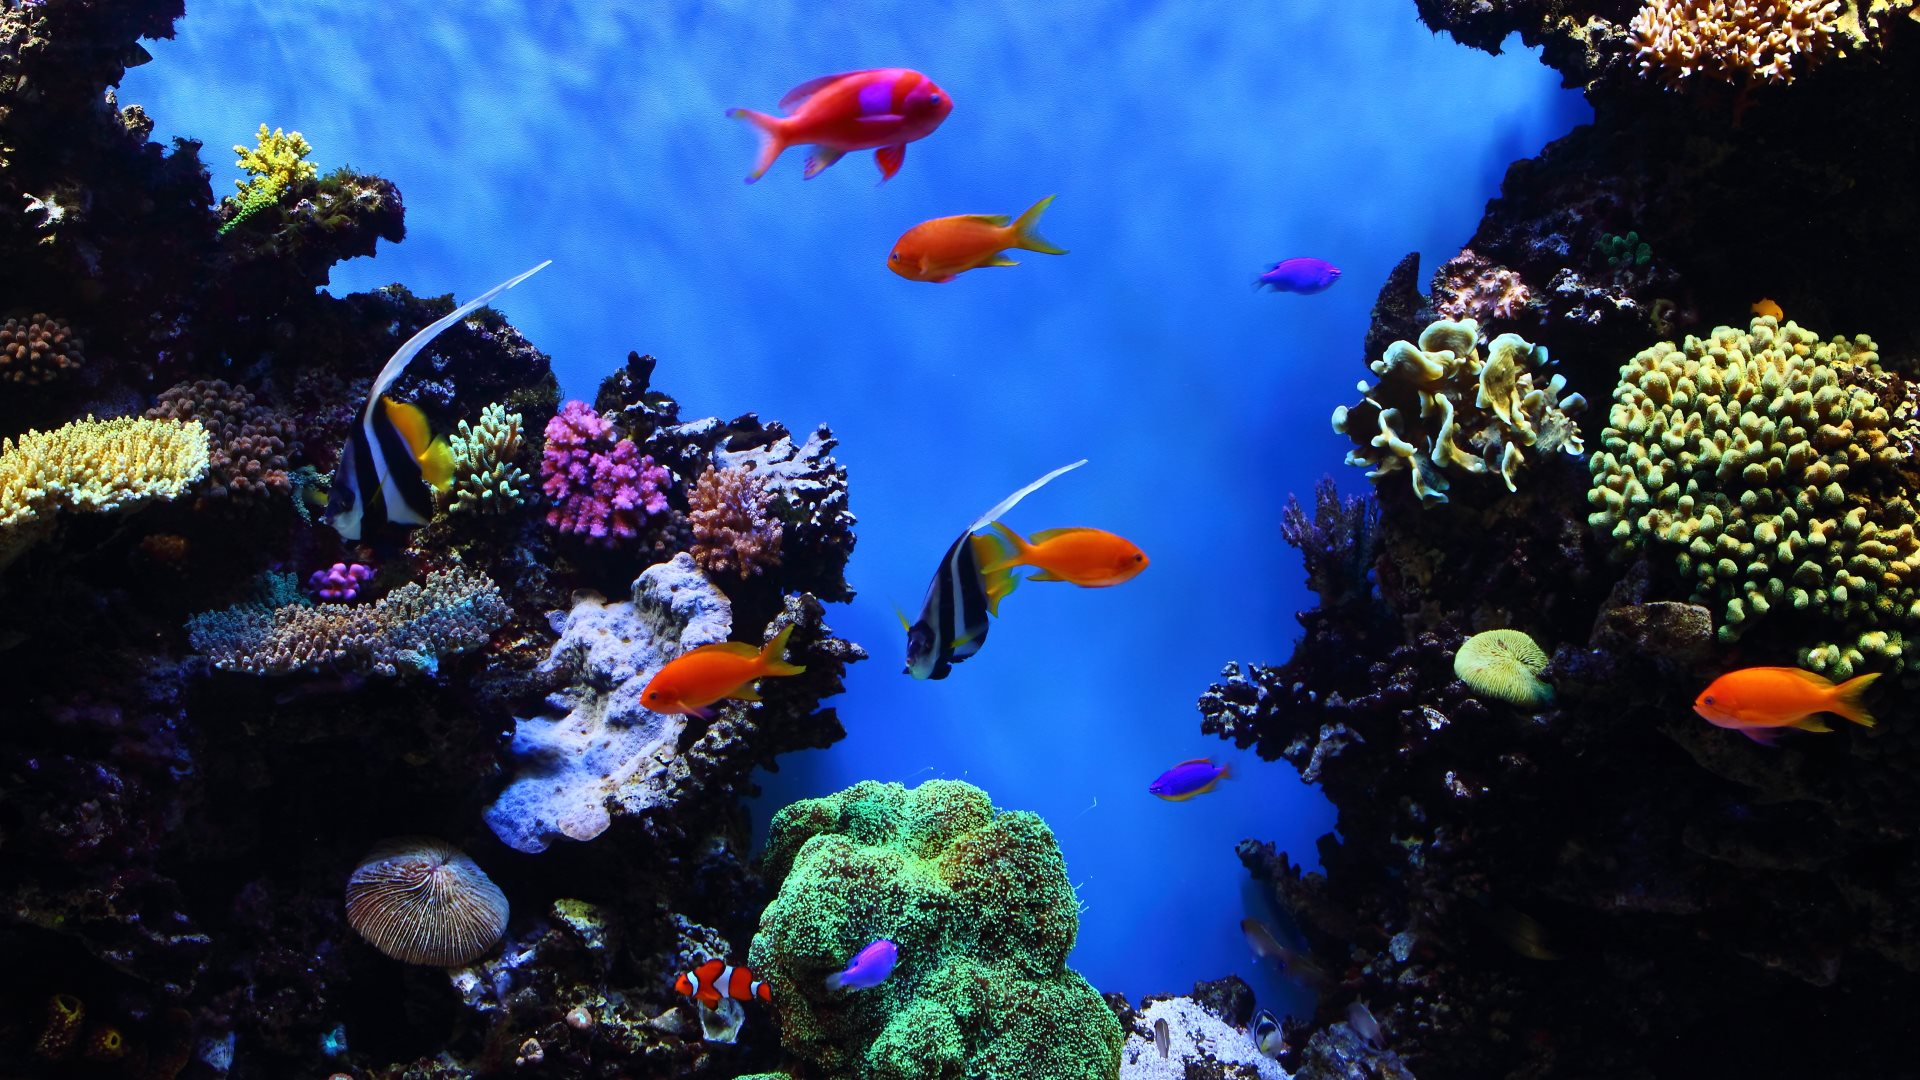 moving aquarium wallpaper ipad image